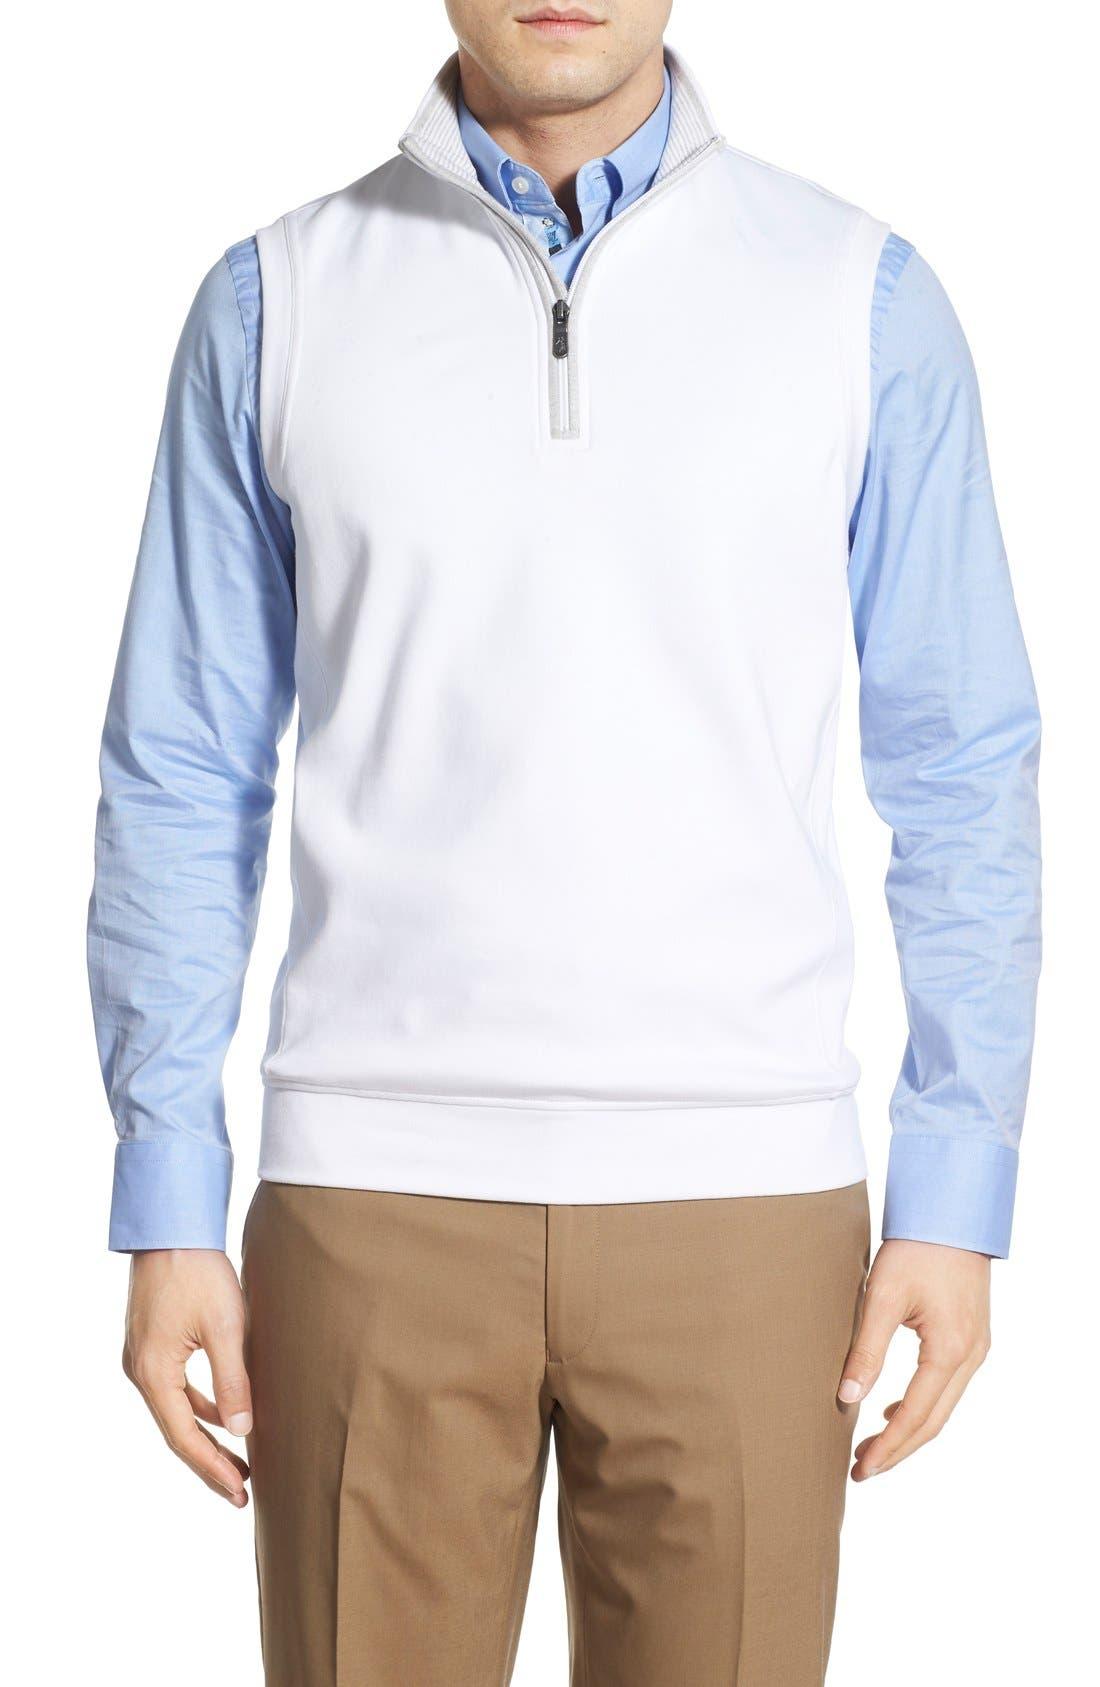 Leaderboard Quarter Zip Pima Cotton Vest,                         Main,                         color, WHITE